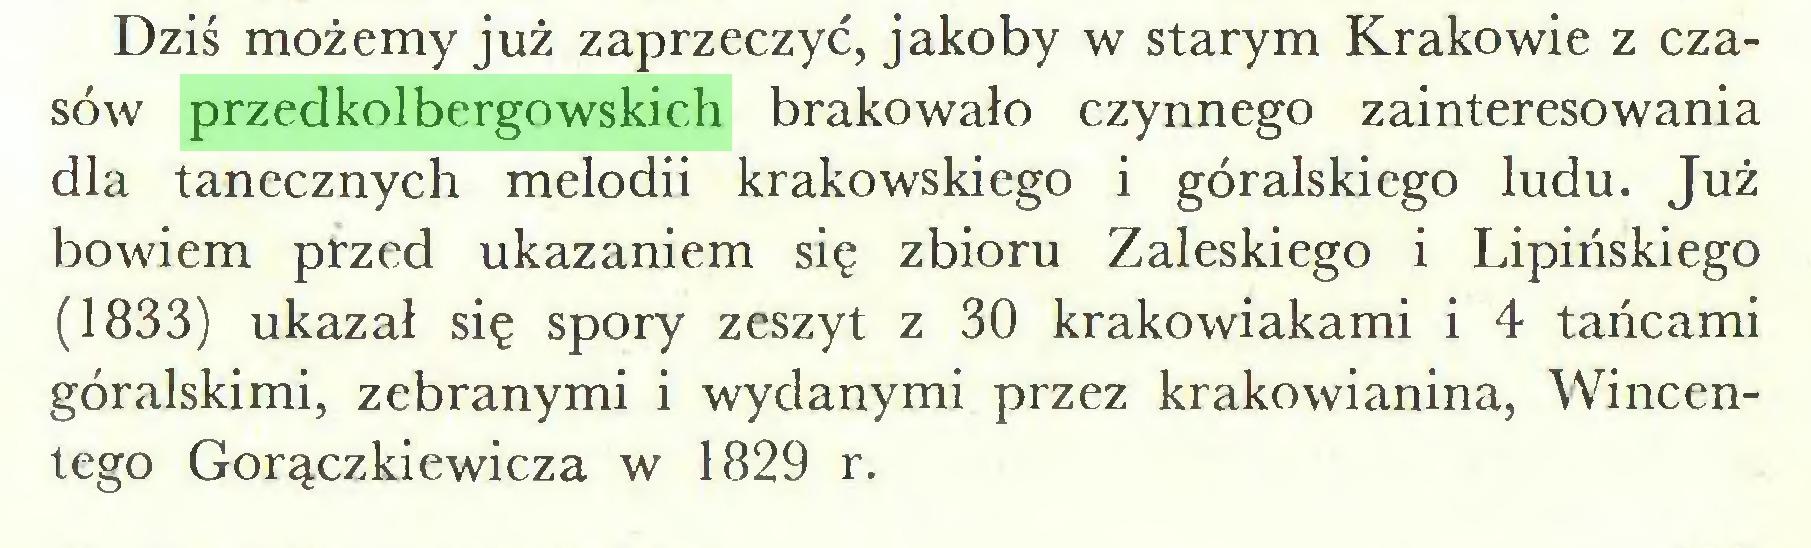 (...) Dziś możemy już zaprzeczyć, jakoby w starym Krakowie z czasów przedkolbergowskich brakowało czynnego zainteresowania dla tanecznych melodii krakowskiego i góralskiego ludu. Już bowiem przed ukazaniem się zbioru Zaleskiego i Lipińskiego (1833) ukazał się spory zeszyt z 30 krakowiakami i 4 tańcami góralskimi, zebranymi i wydanymi przez krakowianina, Wincentego Gorączkiewicza w 1829 r...